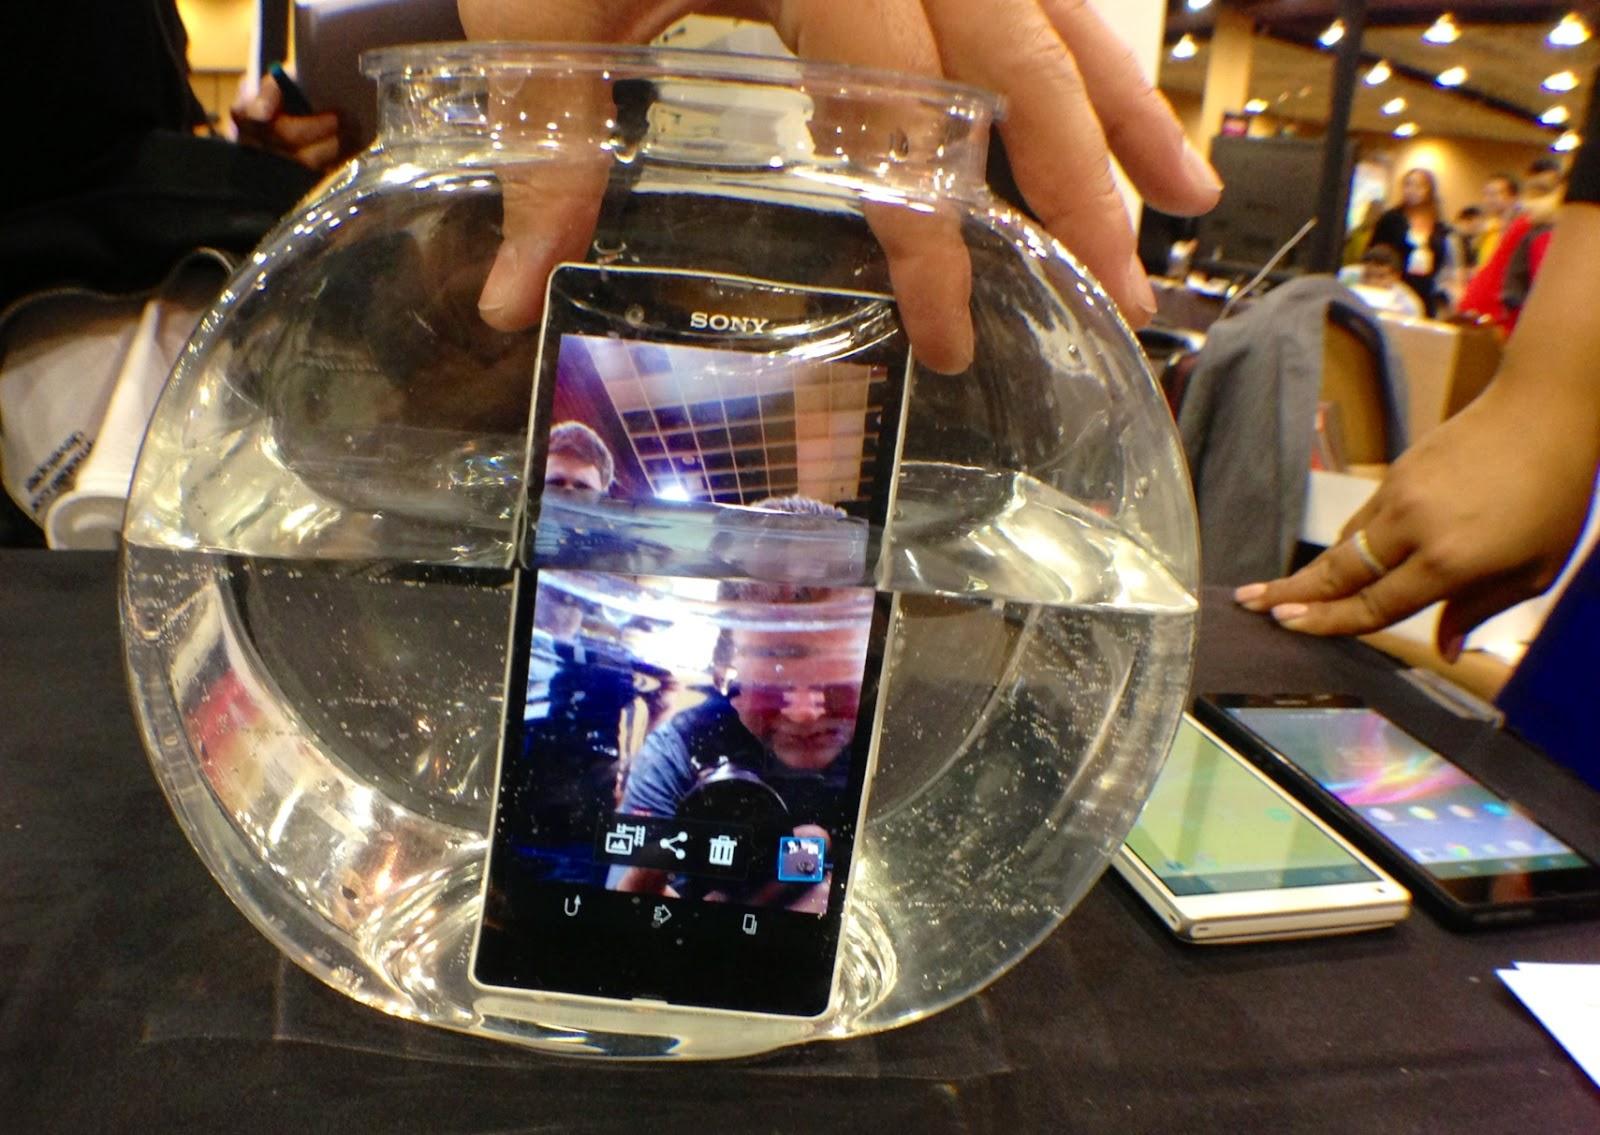 Harga Sony Xperia Z LTE C6603 dan Spesifikasi Terbaru 2015